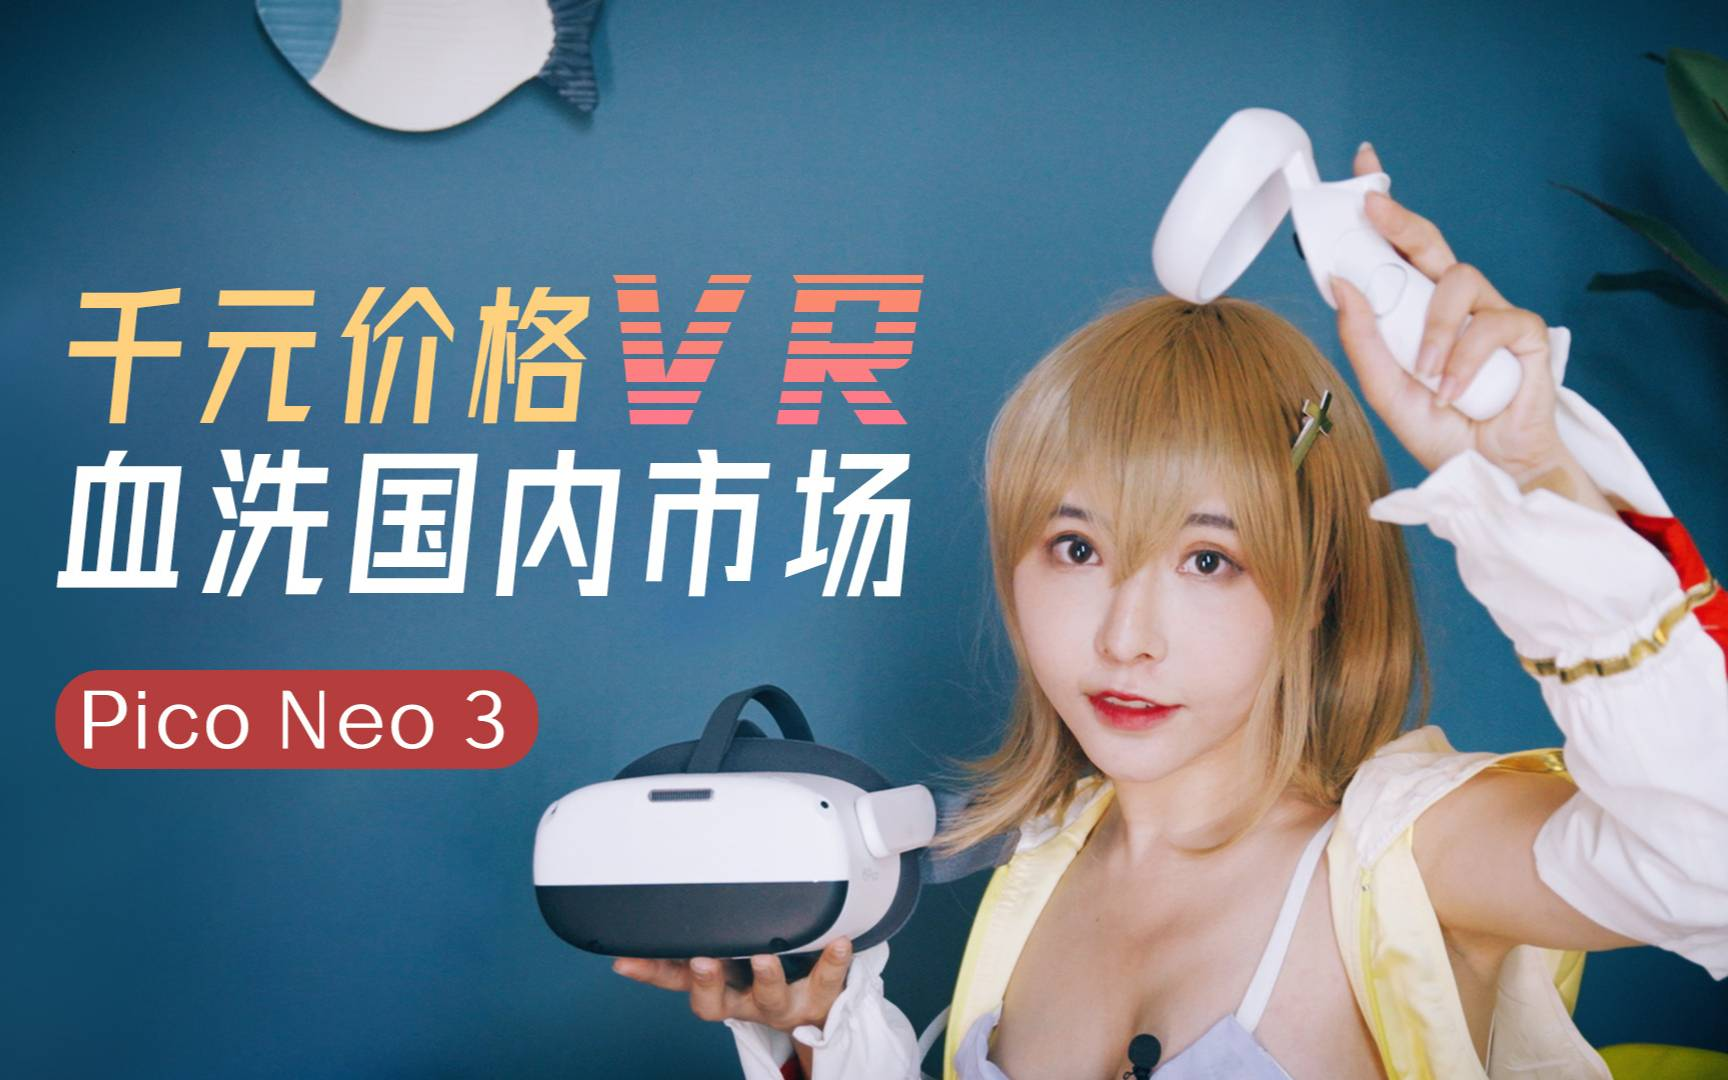 VR游戏机Pico Neo 3一手新鲜体验,超精准6DoF光学追踪玩起来很爽